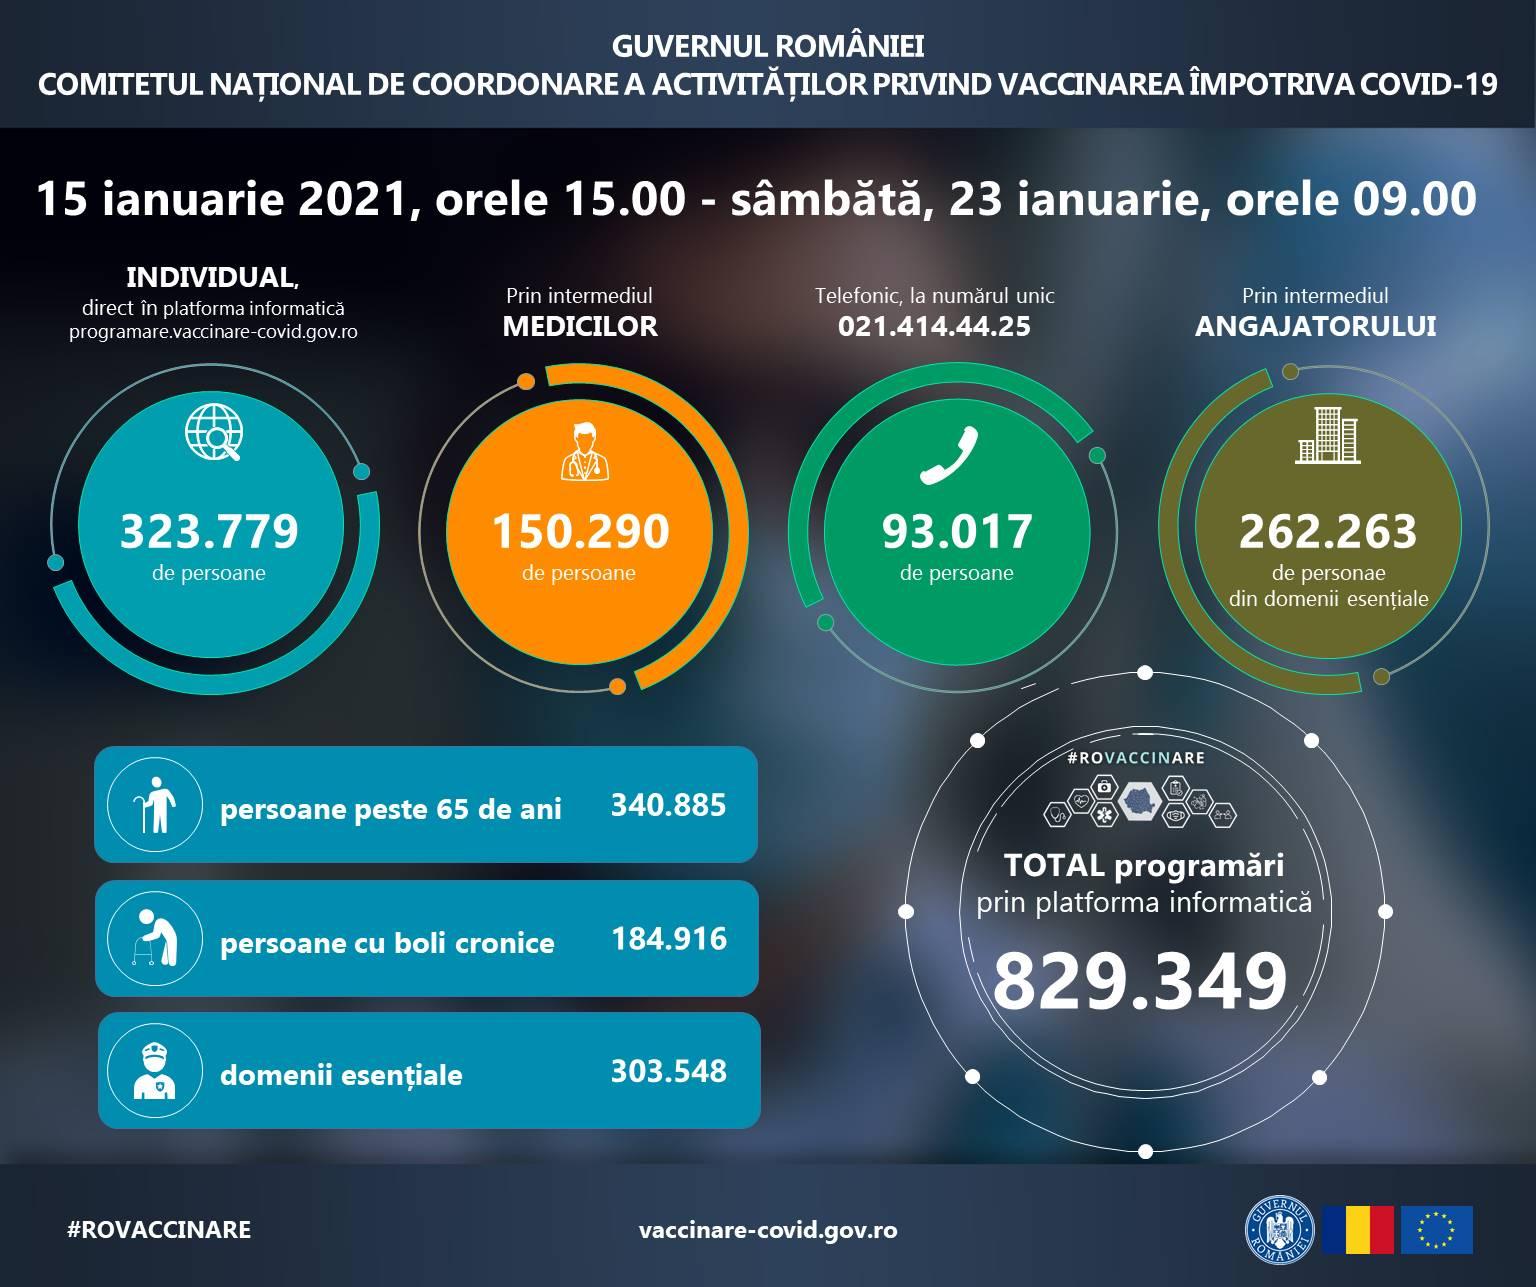 Peste 820 000 de români s-au programat pentru vaccinarea antiCOVID